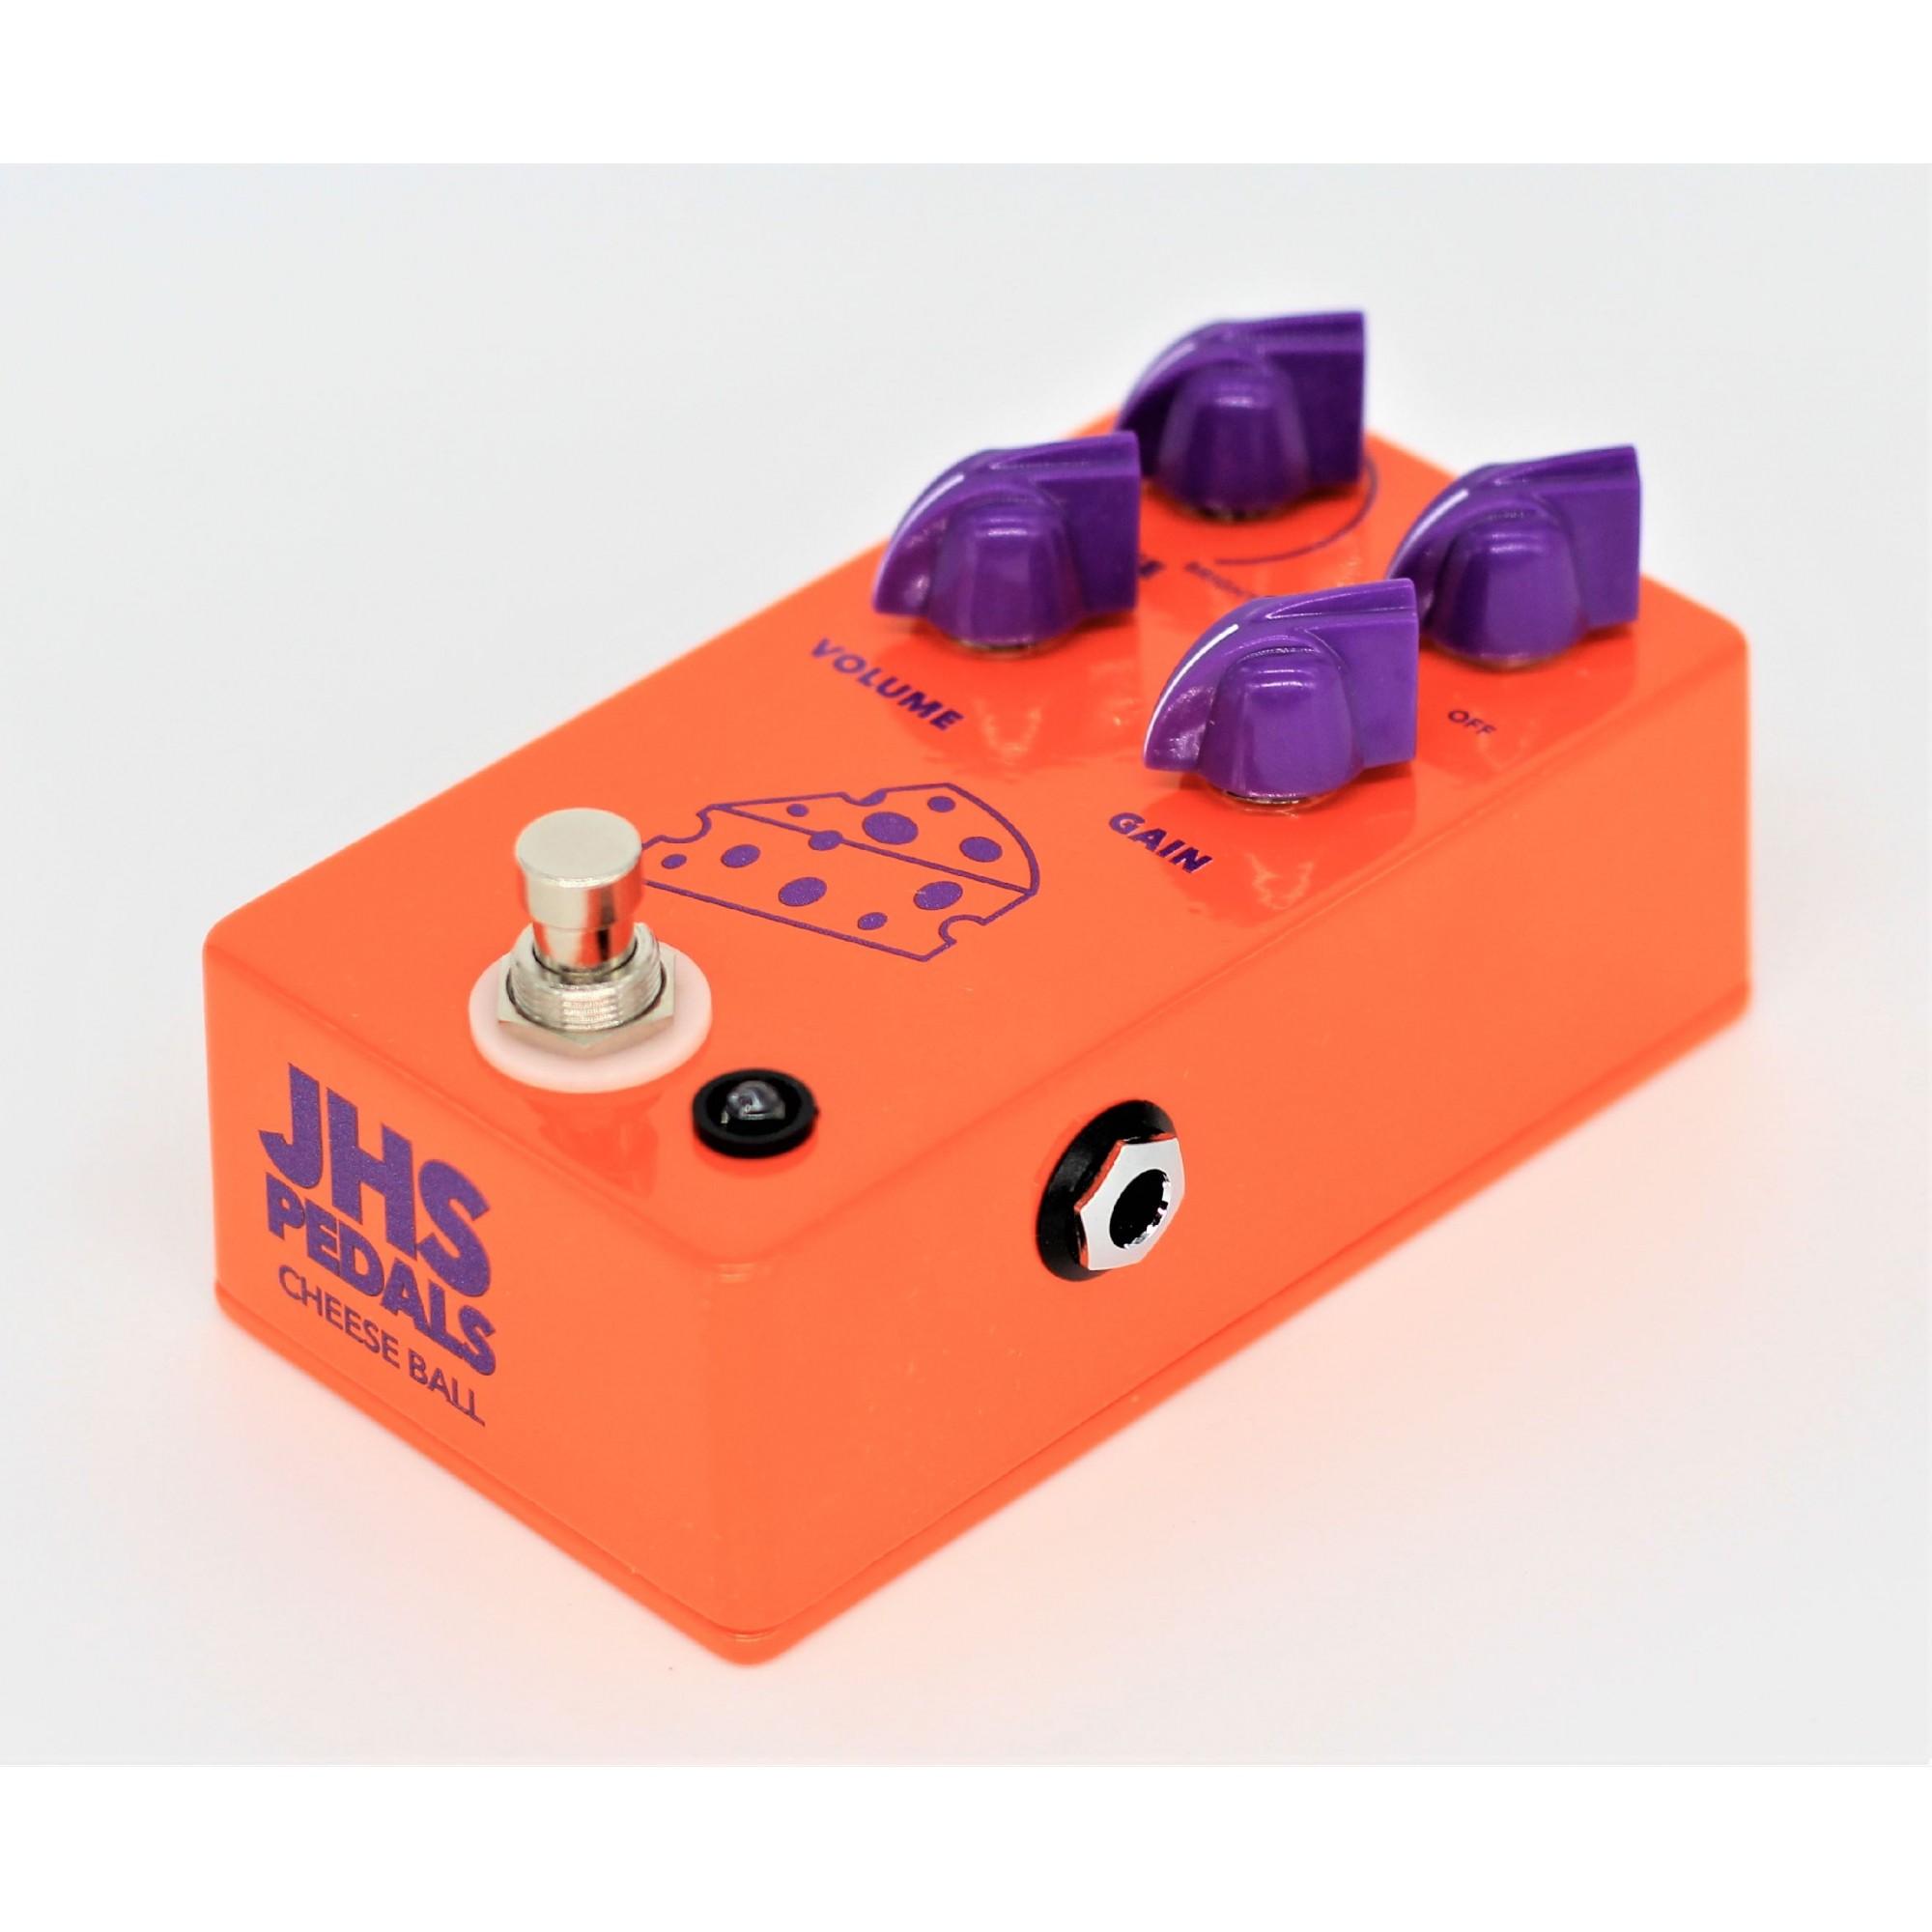 JHS Cheese Ball Pedal Fuzz / Distorção